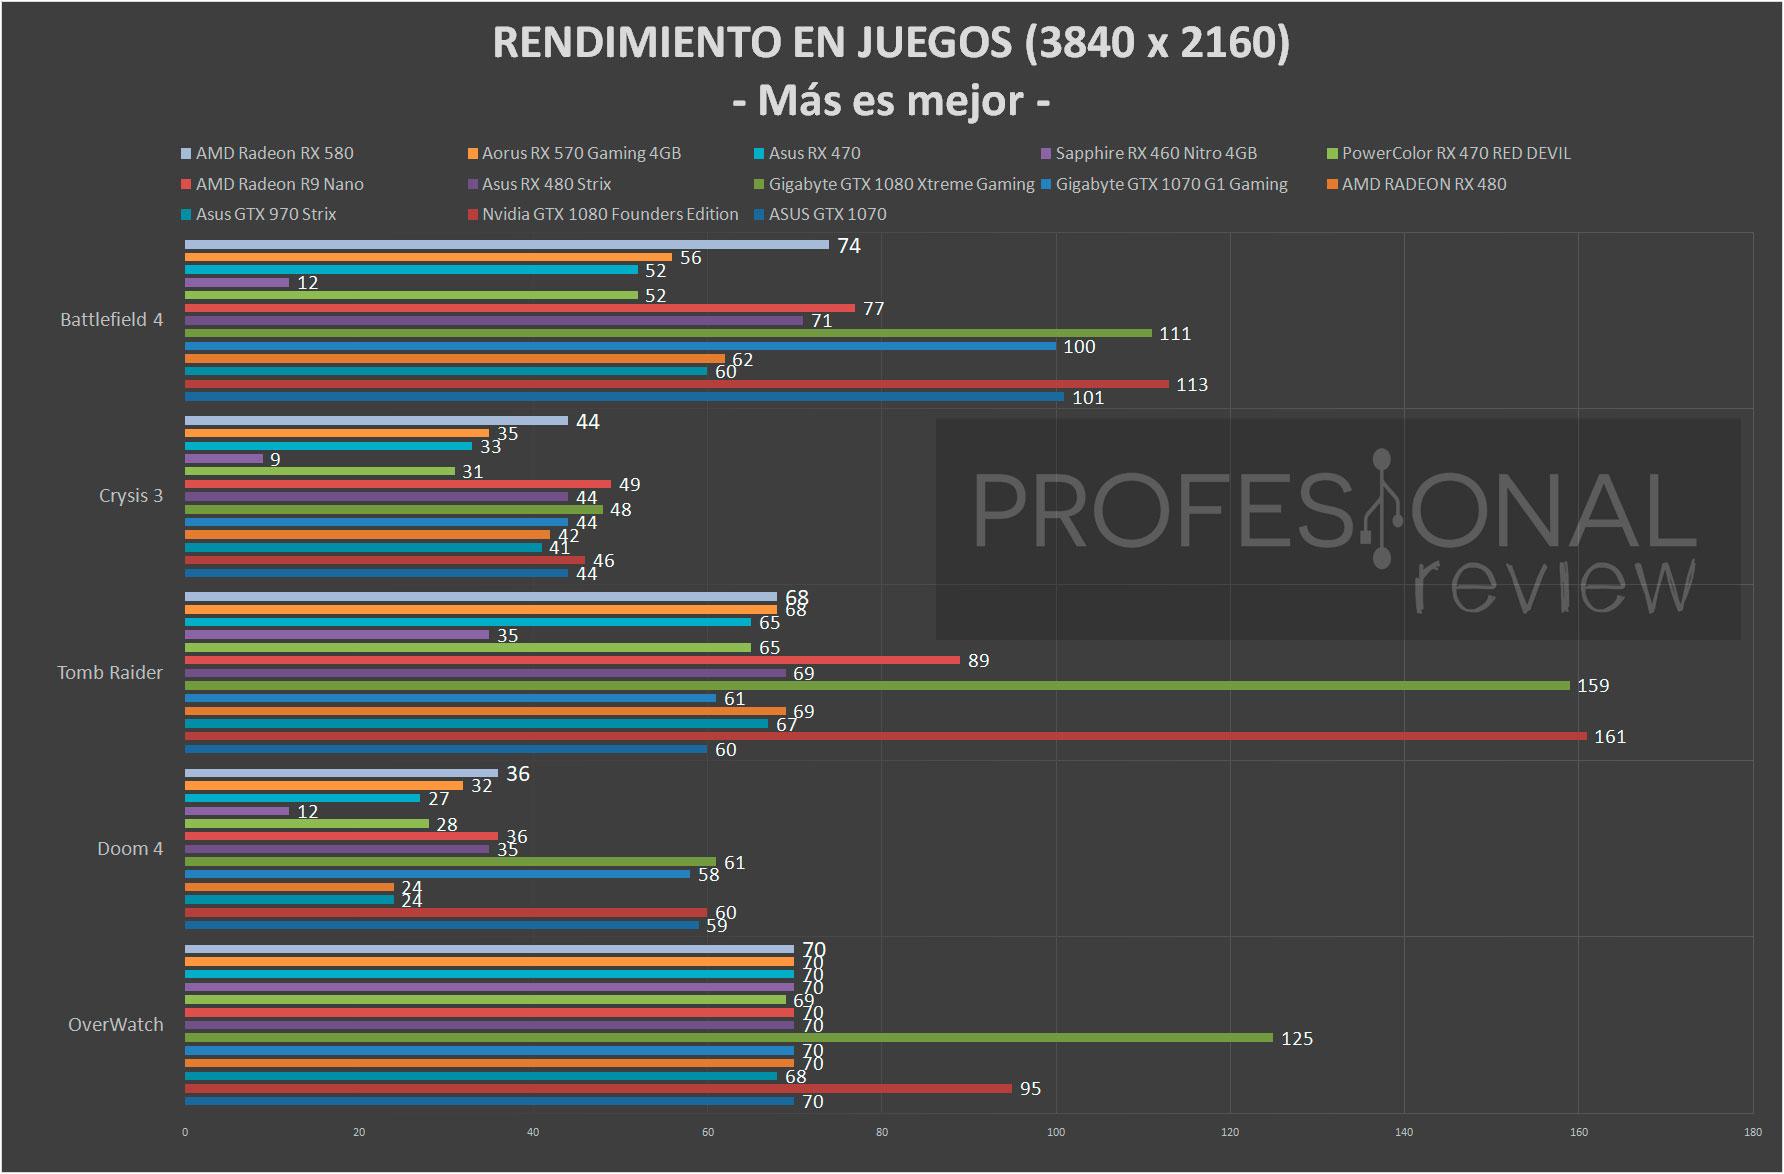 Asus RX 580 Strix juegos 4K